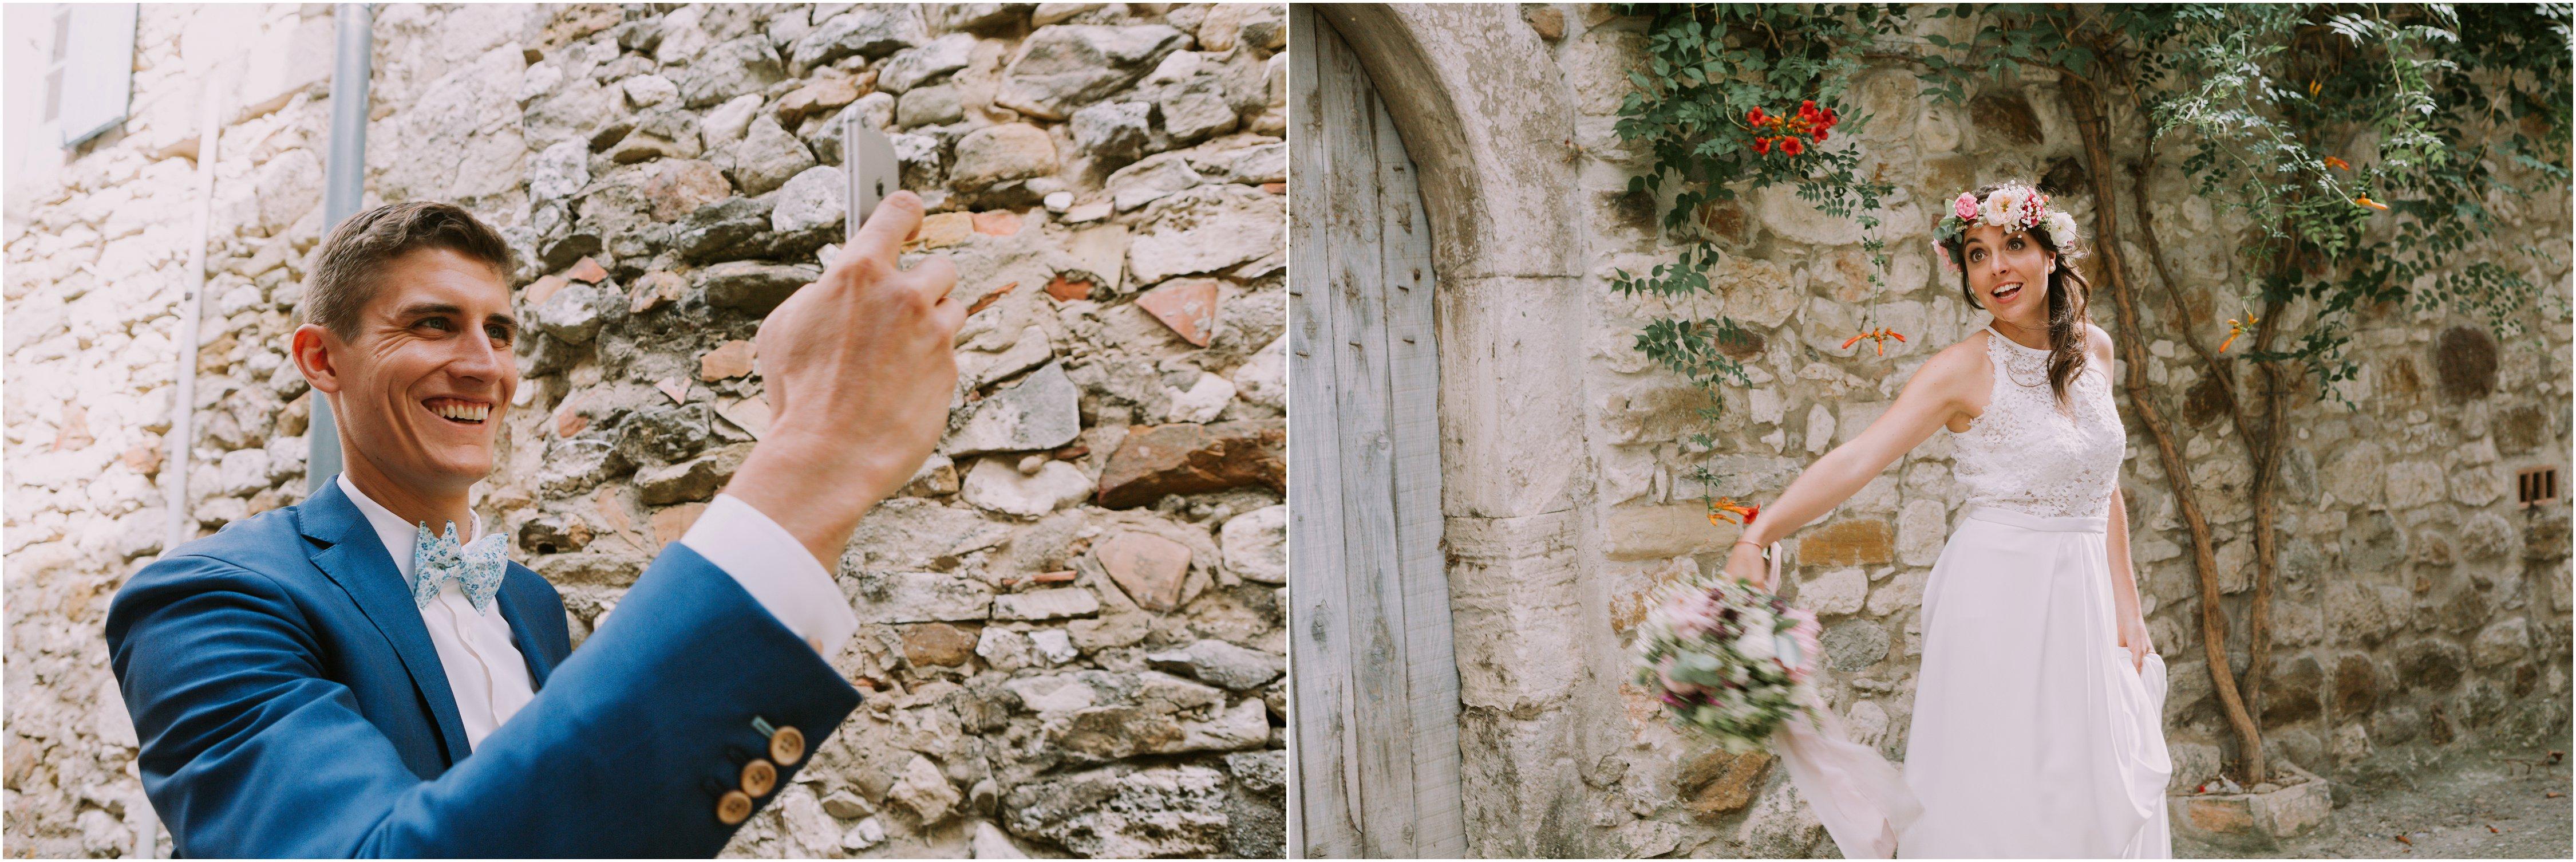 kateryna-photos-mariage-wedding-france-ardeche-domaine-clos-hullias-Saint-Christol-de-Rodière-gard-cevennes_0175.jpg